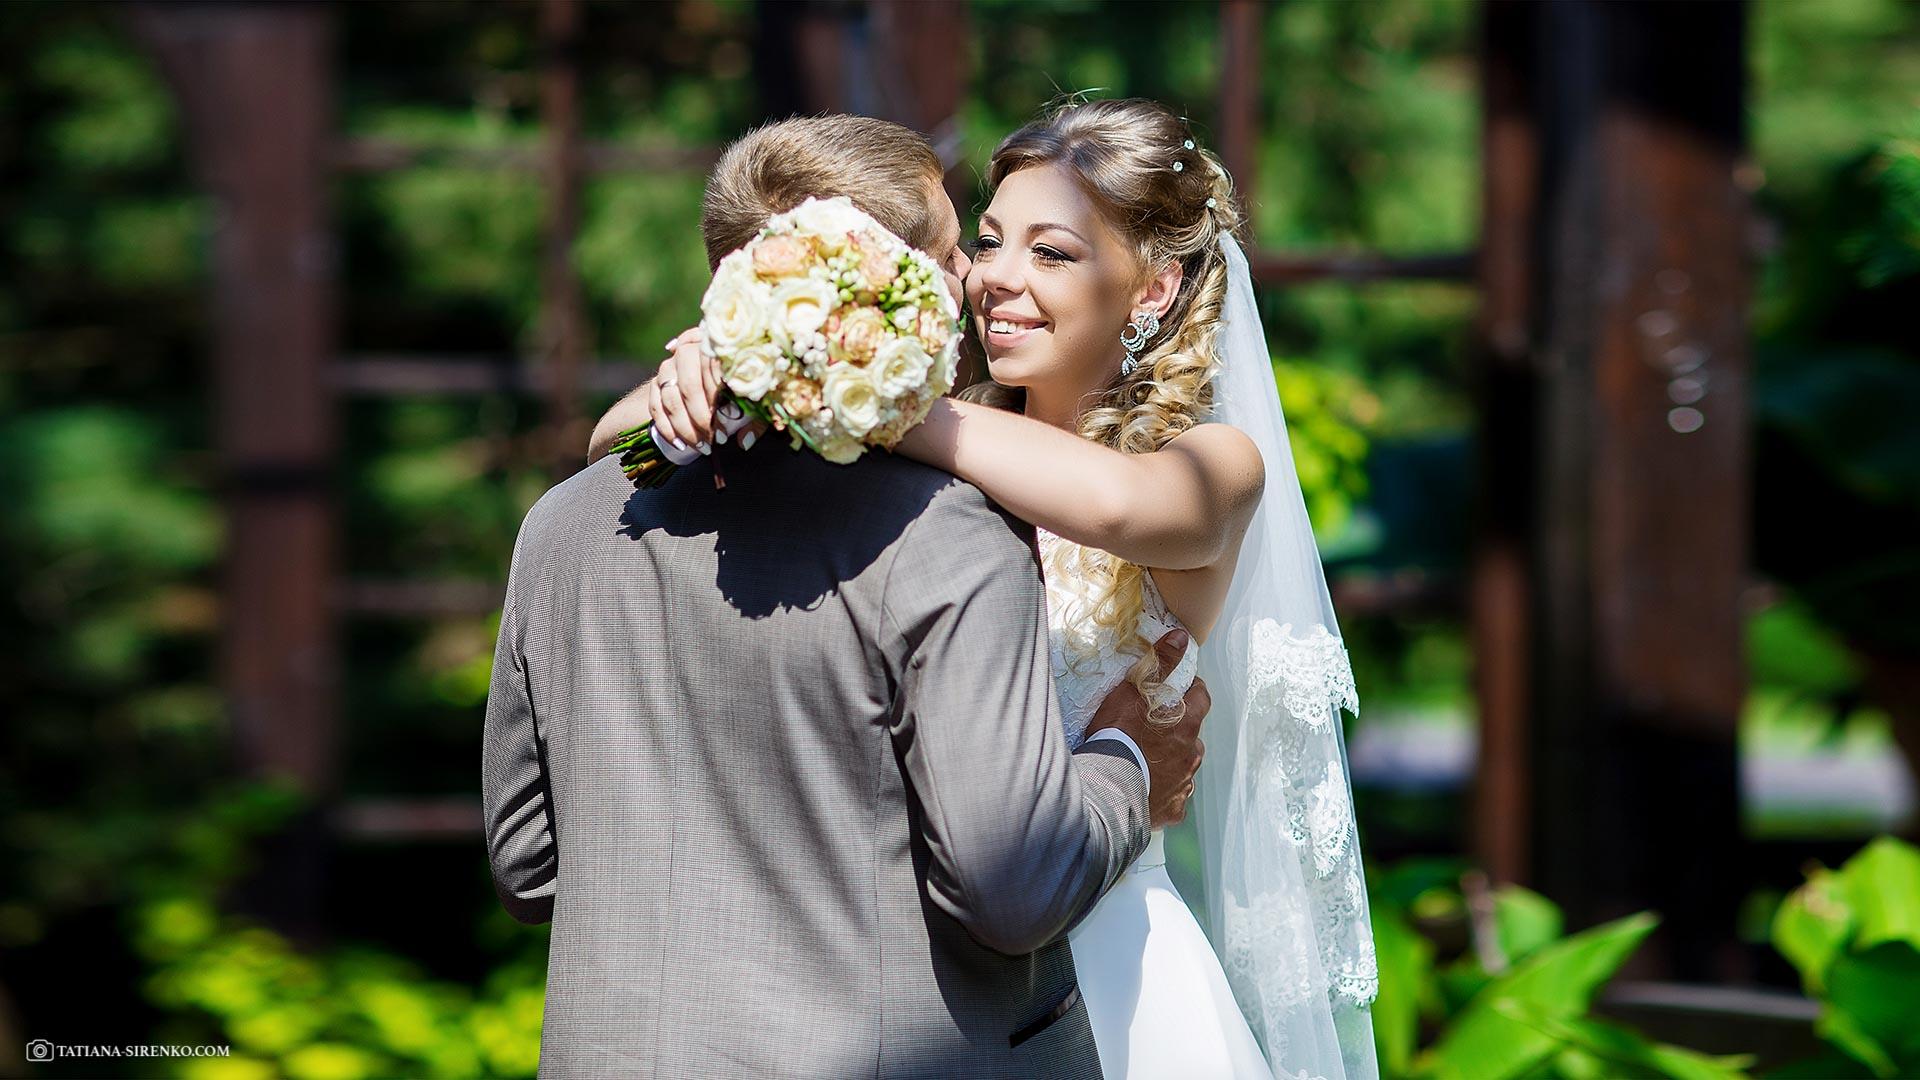 f UuvCkakBA - Денежные конкурсы на свадьбе: пять причин отказаться от них